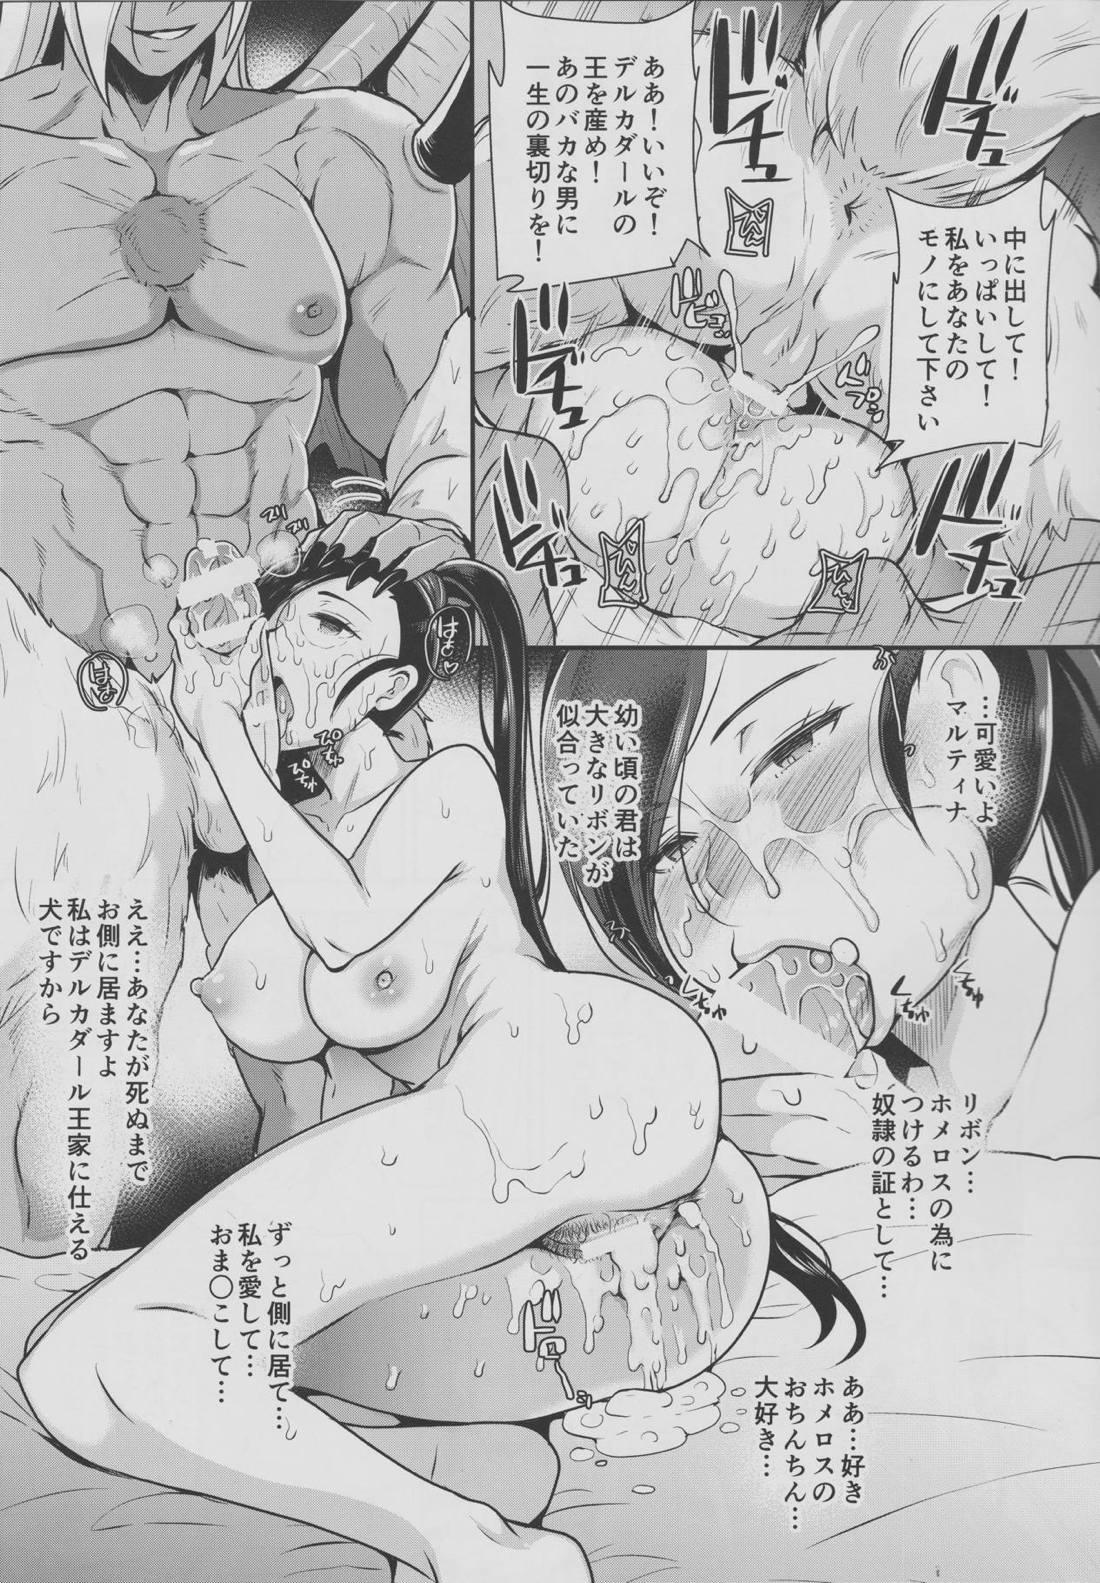 【エロ漫画】どんな強靭な精神も悪魔チンポの超絶テクの前には無意味よ・・・孕みたくなるほど女の悦びを教えてやるからね♡